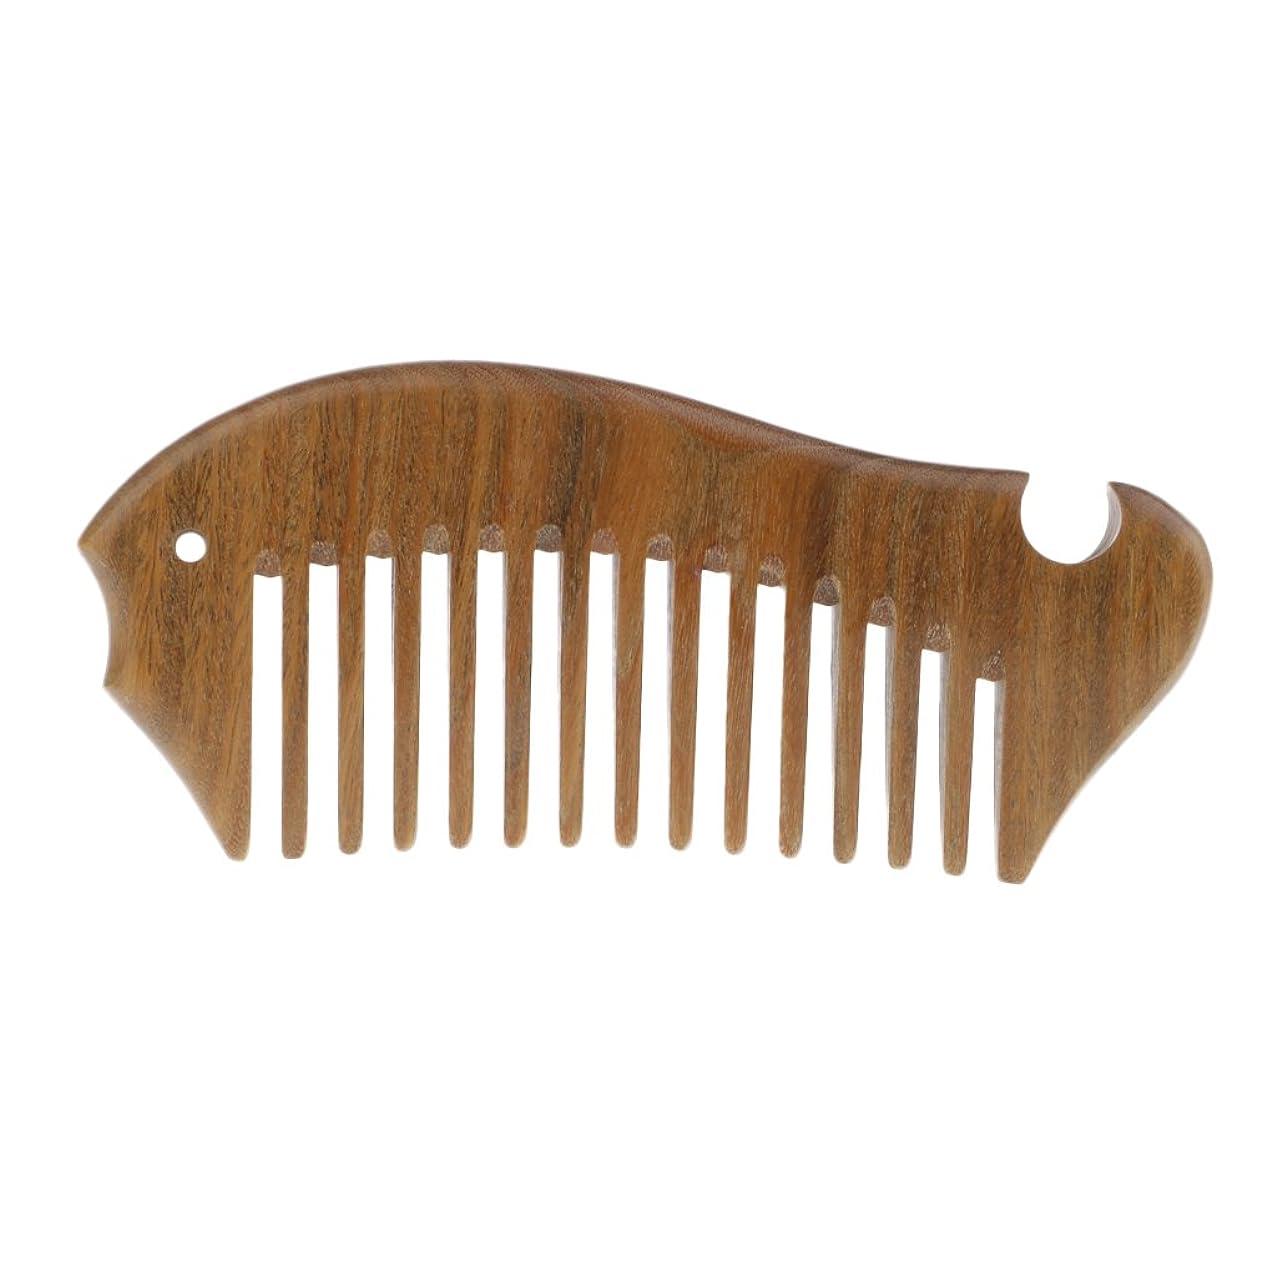 習熟度女優作るgazechimp 木製櫛 帯電防止櫛 ヘアコーム 頭皮 ケア マッサージ